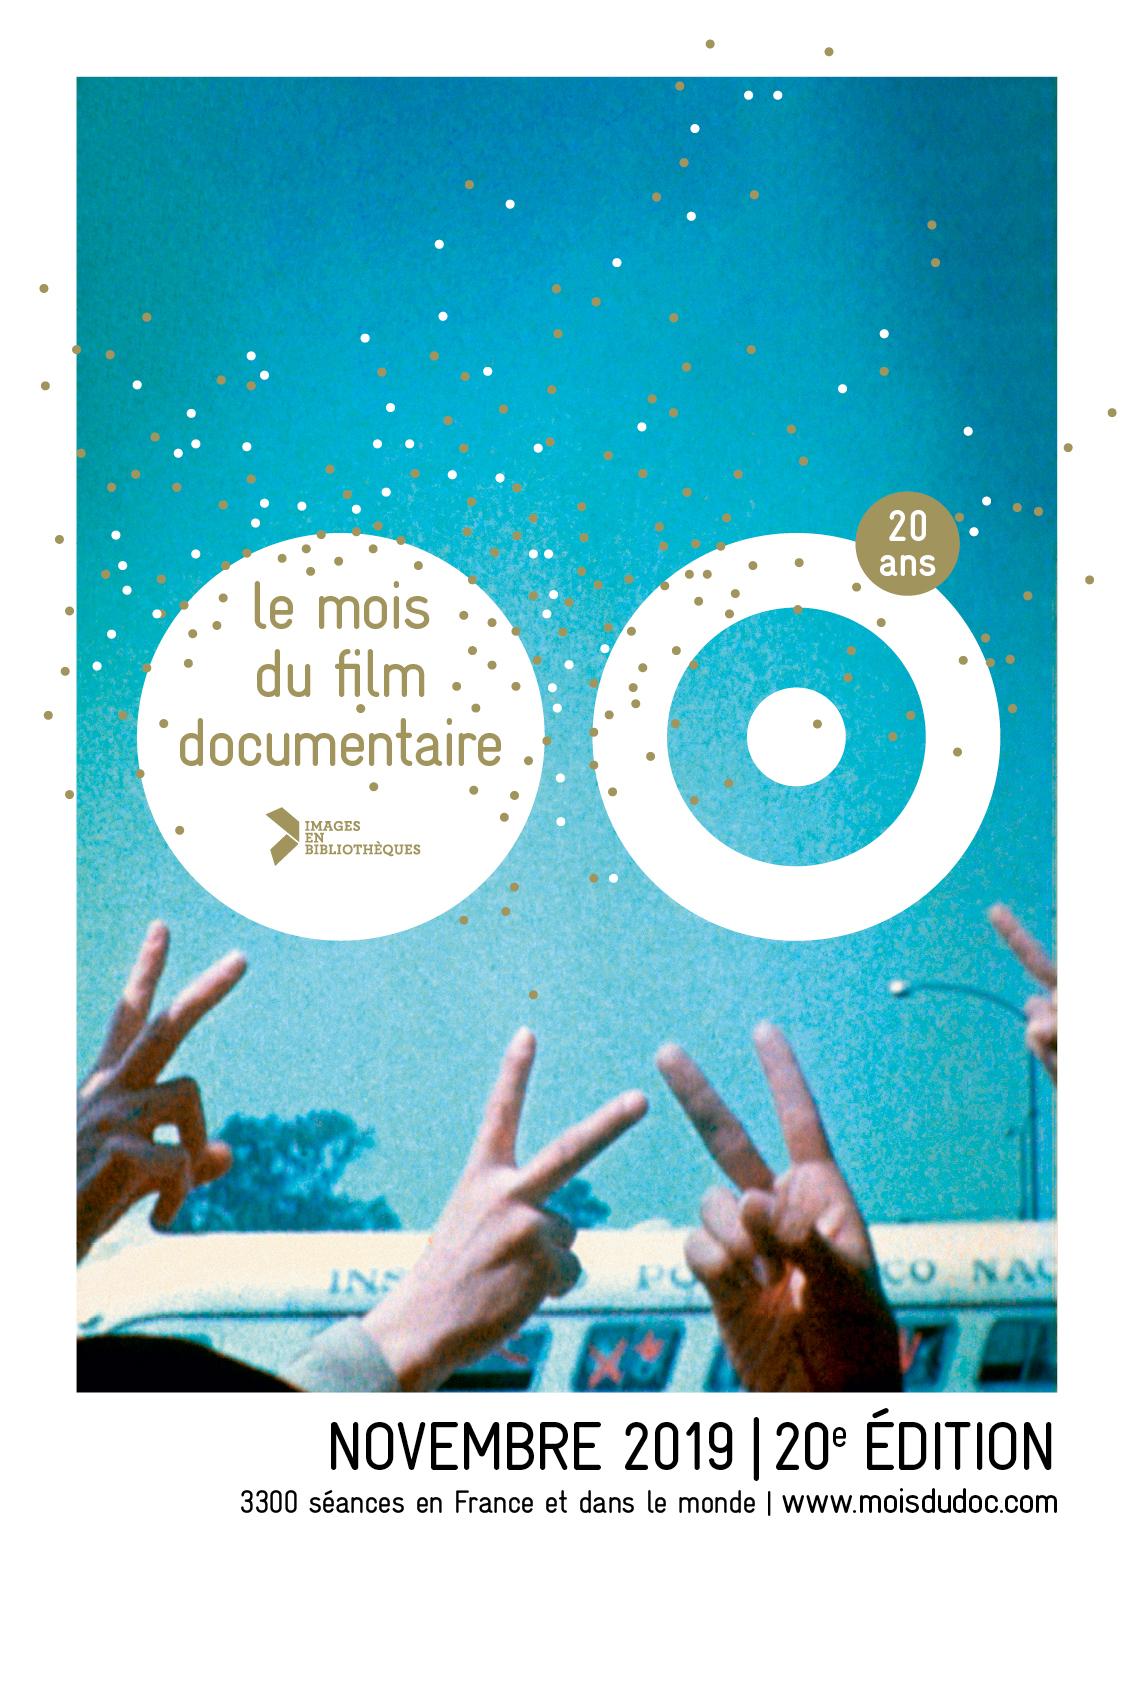 Novembre, mois des films documentaires!